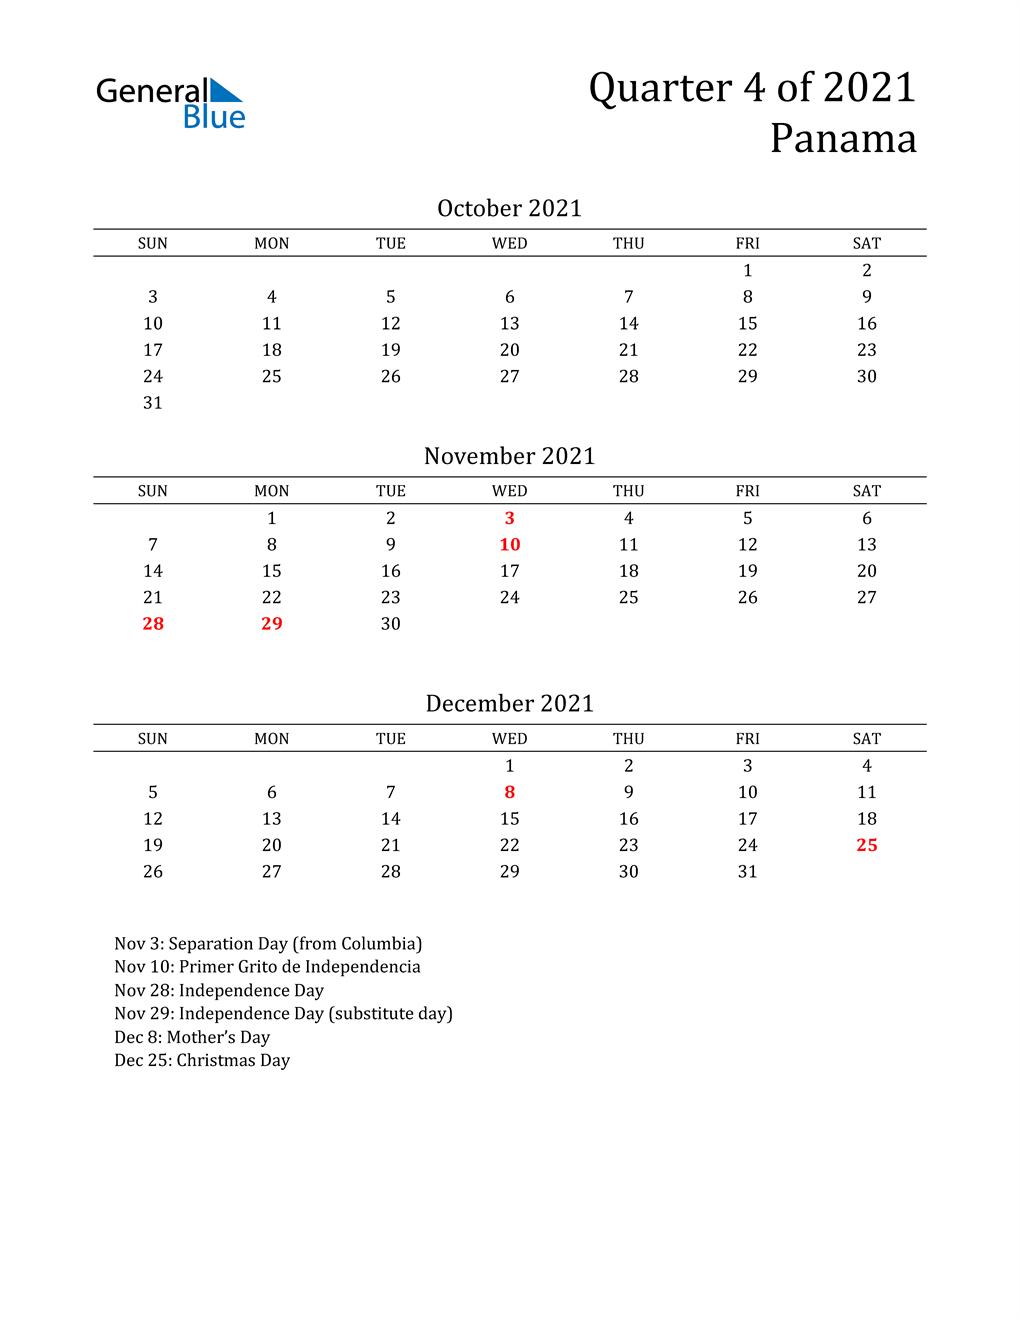 2021 Panama Quarterly Calendar